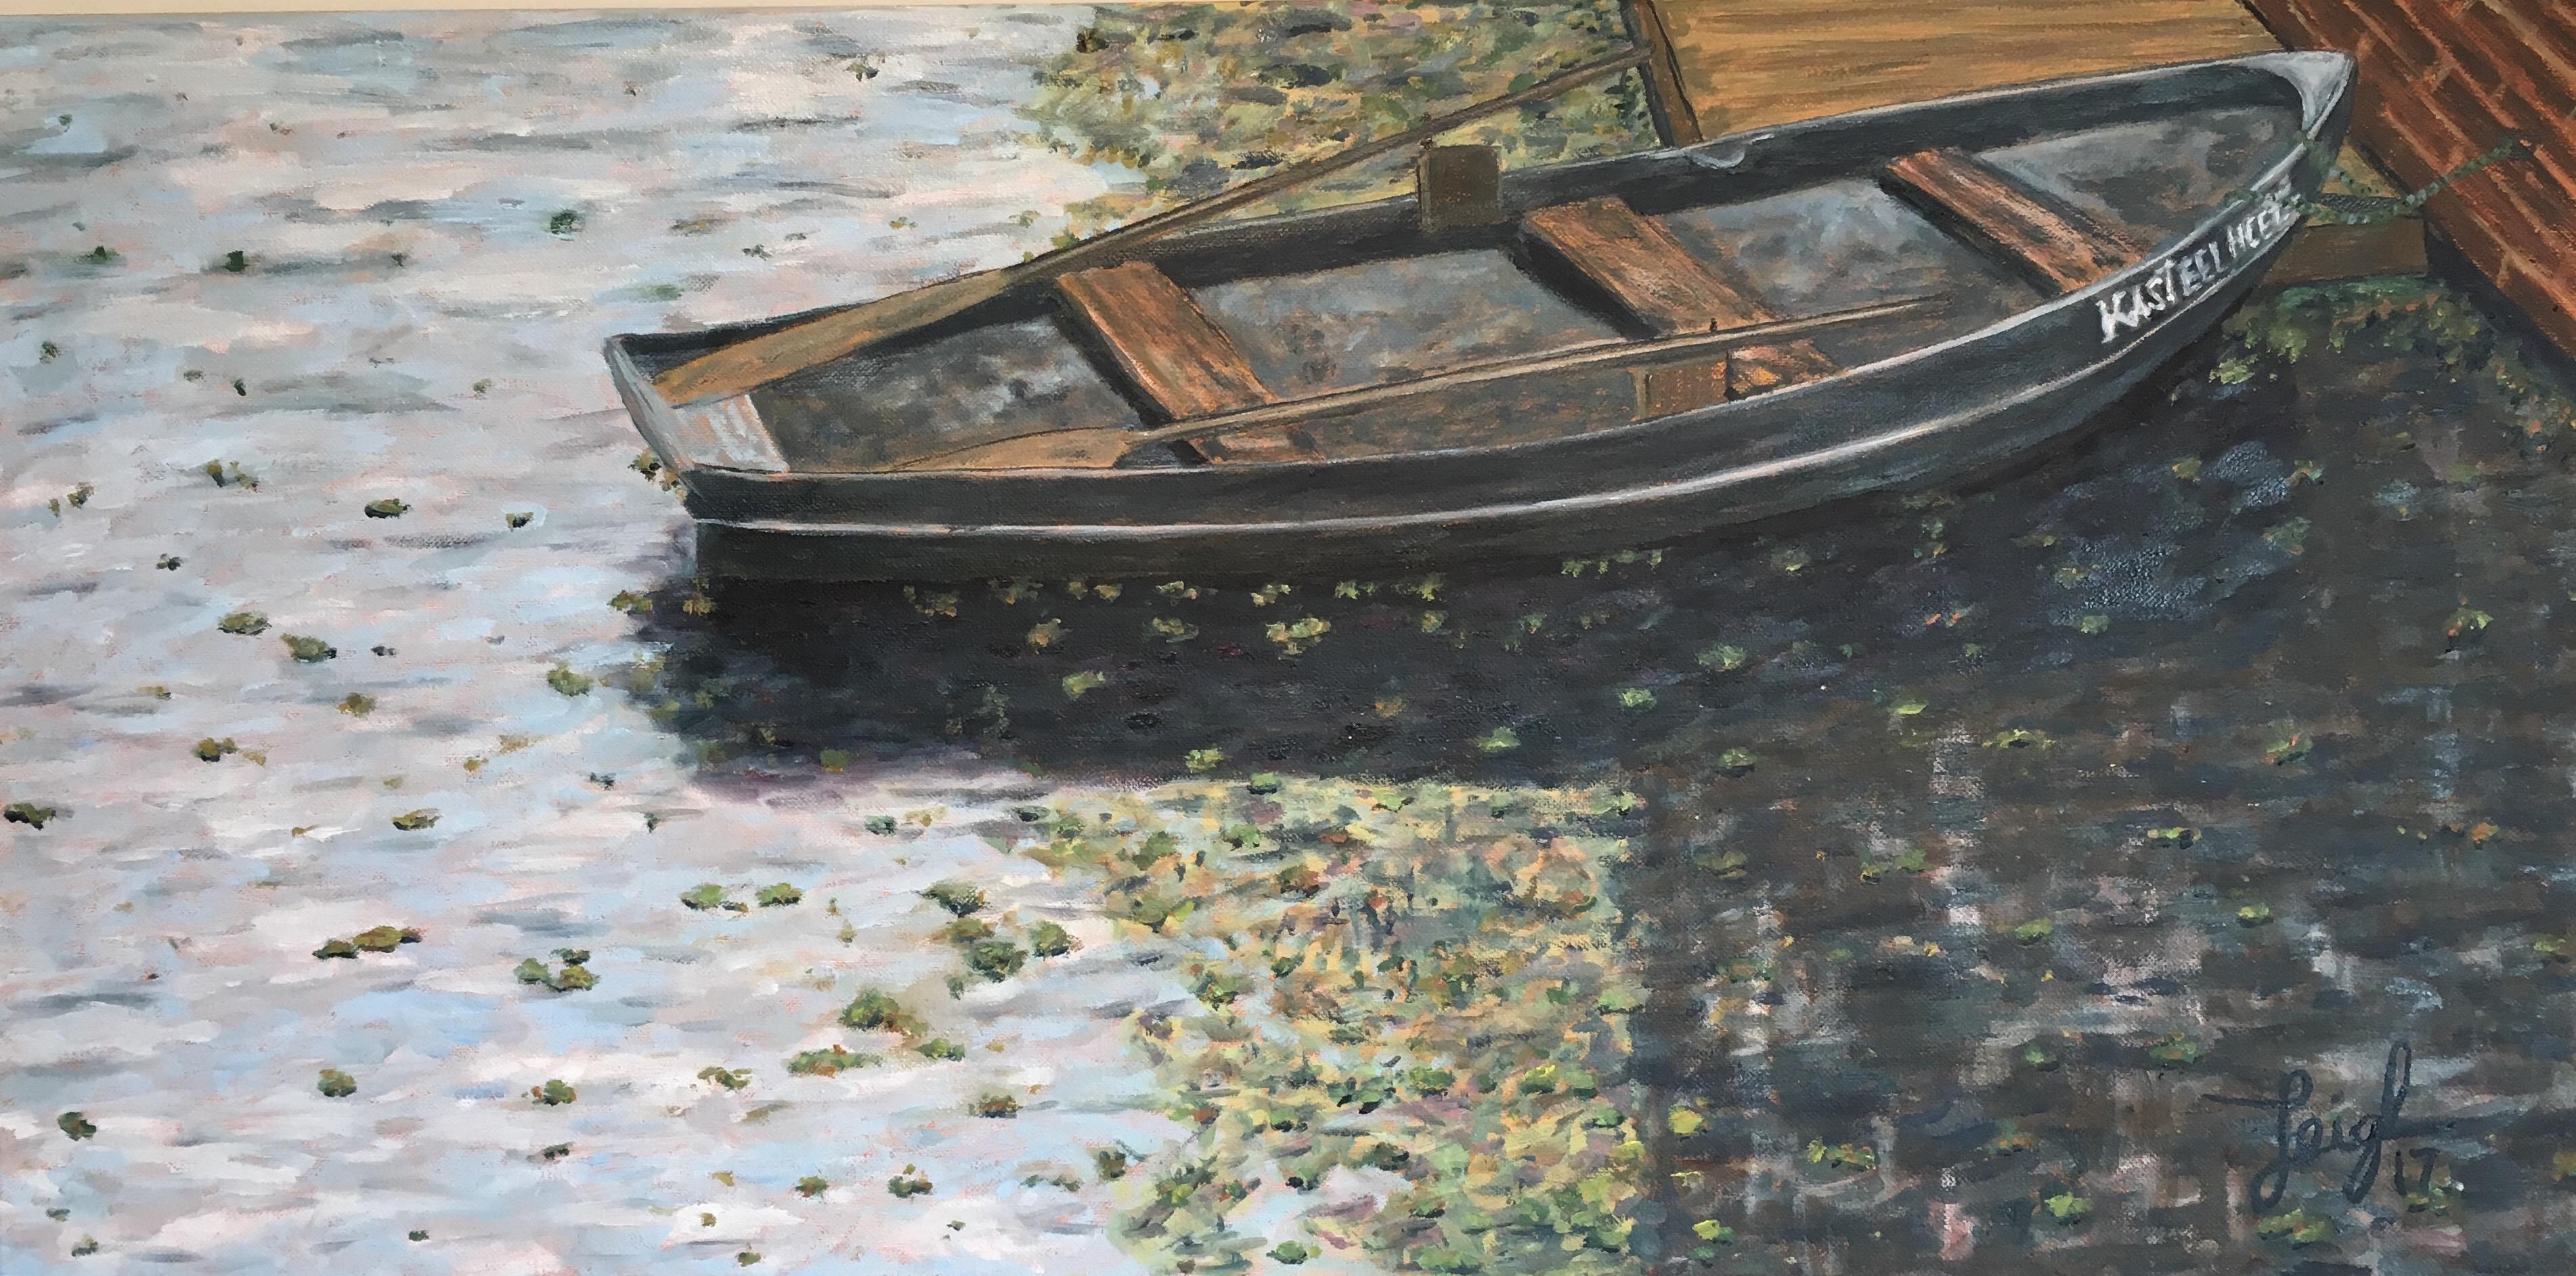 Row Boat in Moat  ~  Neil Cohn, Tilburg, The Netherlands 2017  •  30 x 15